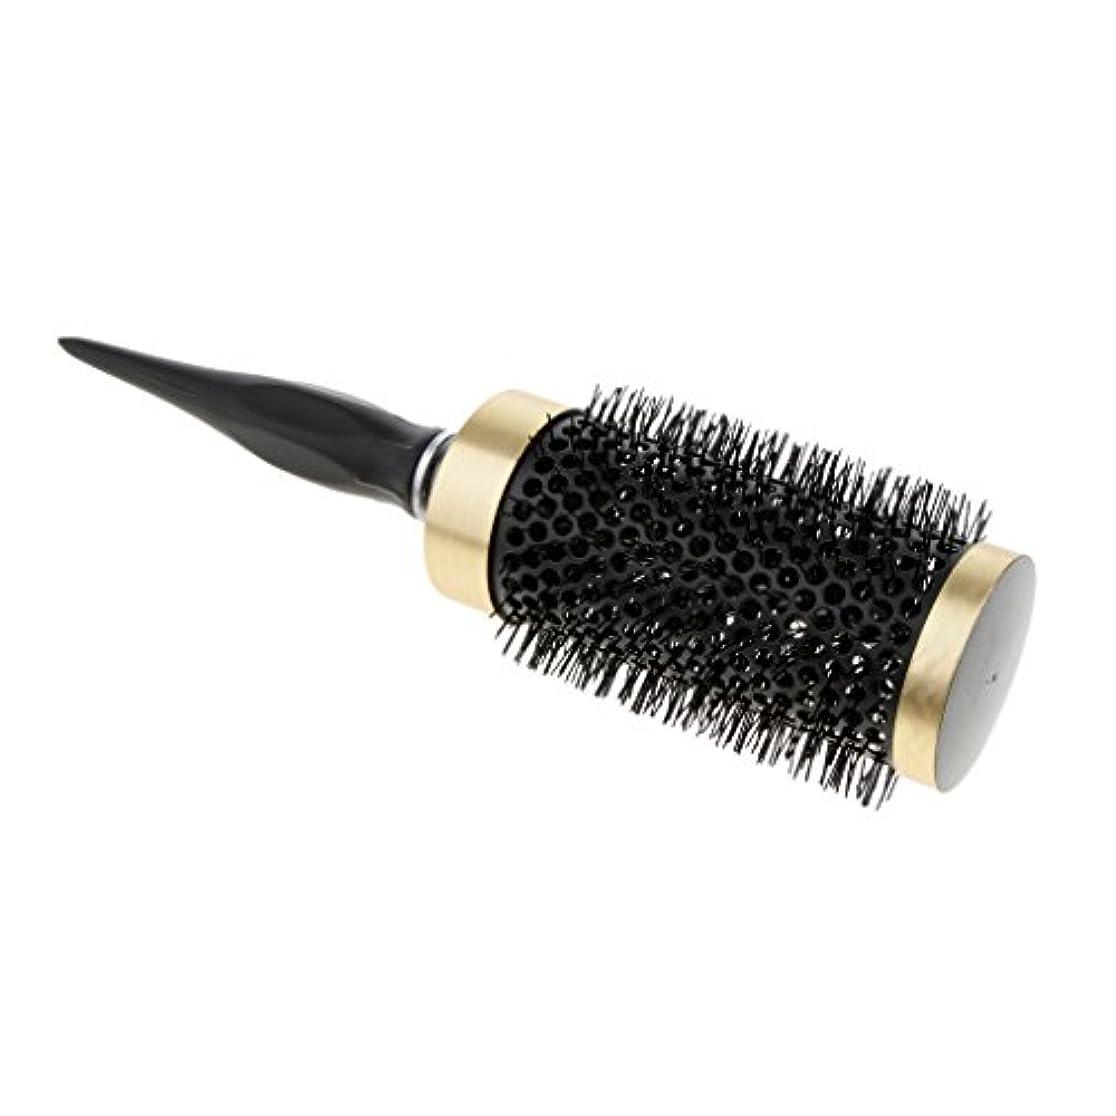 九時四十五分差別化する刺すロールブラシ ヘアブラシ ナイロンブラシ 静電気防止 カーリング 巻き髪ヘア 全5サイズ - 52mm